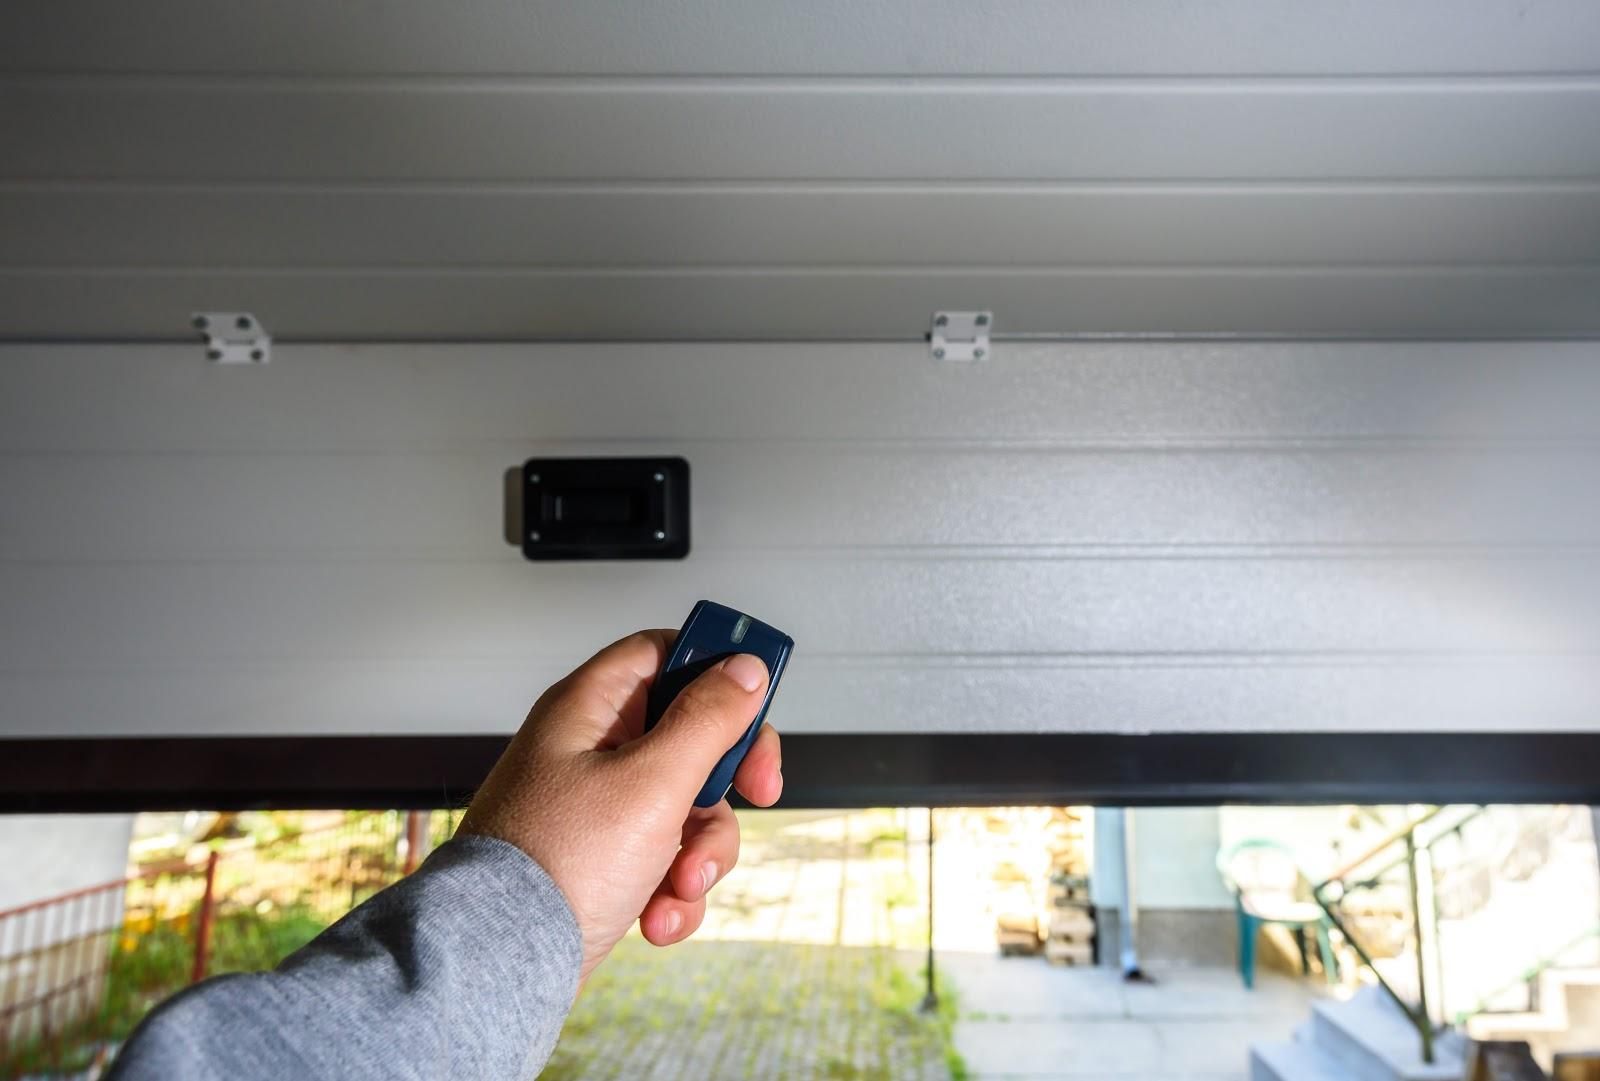 Garage-Door-Pvc-Hand-Uses-Remote-opener